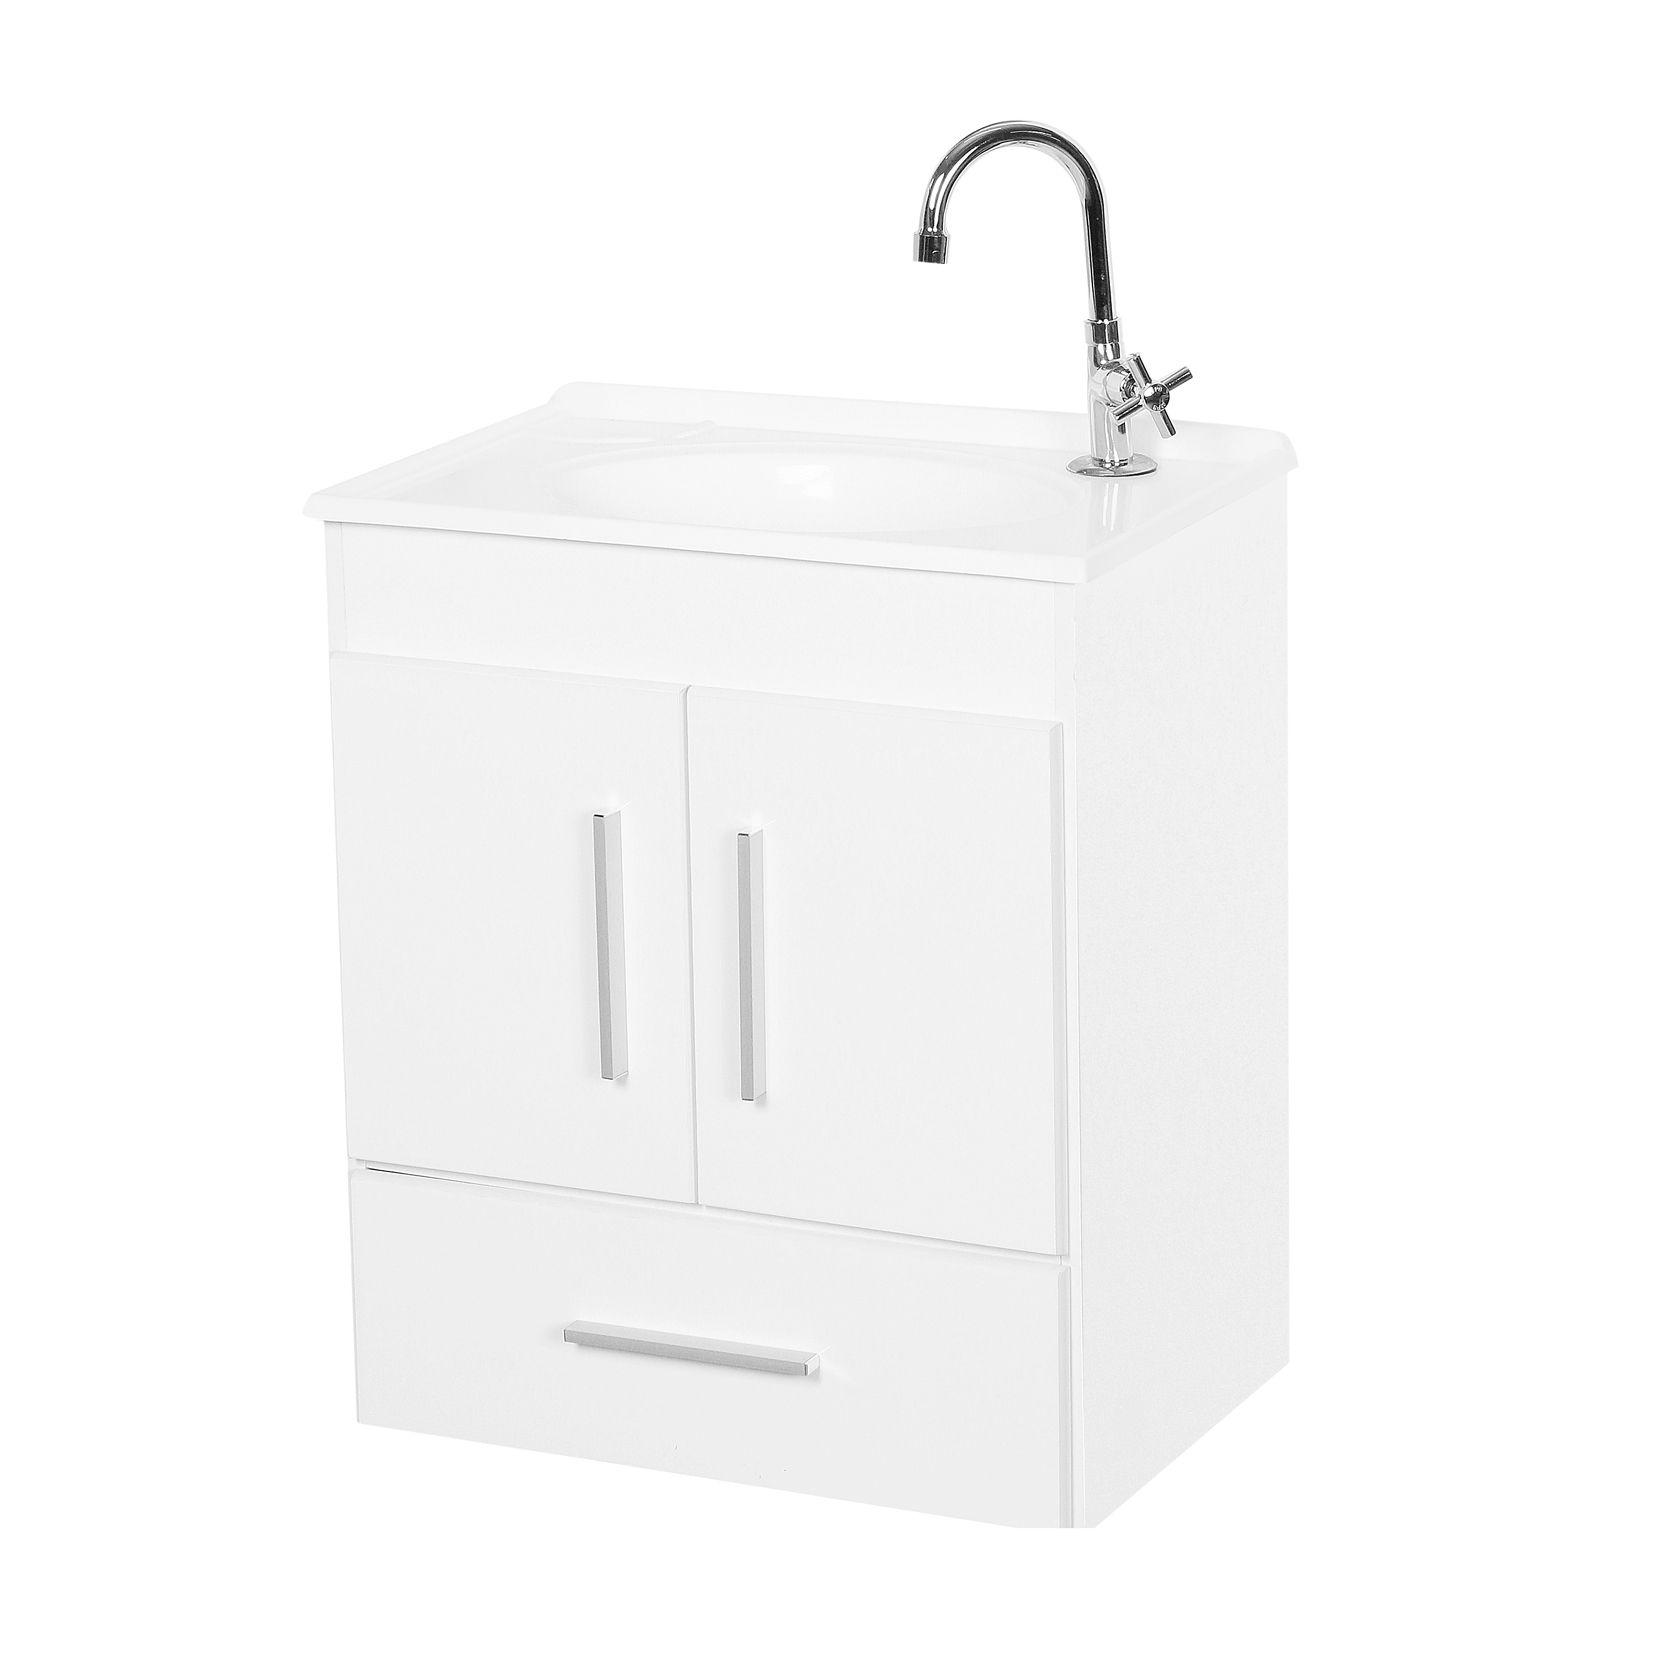 Conjunto Gabinete com Cuba e Espelho Para Banheiro Gol Branco - Fhem Móveis